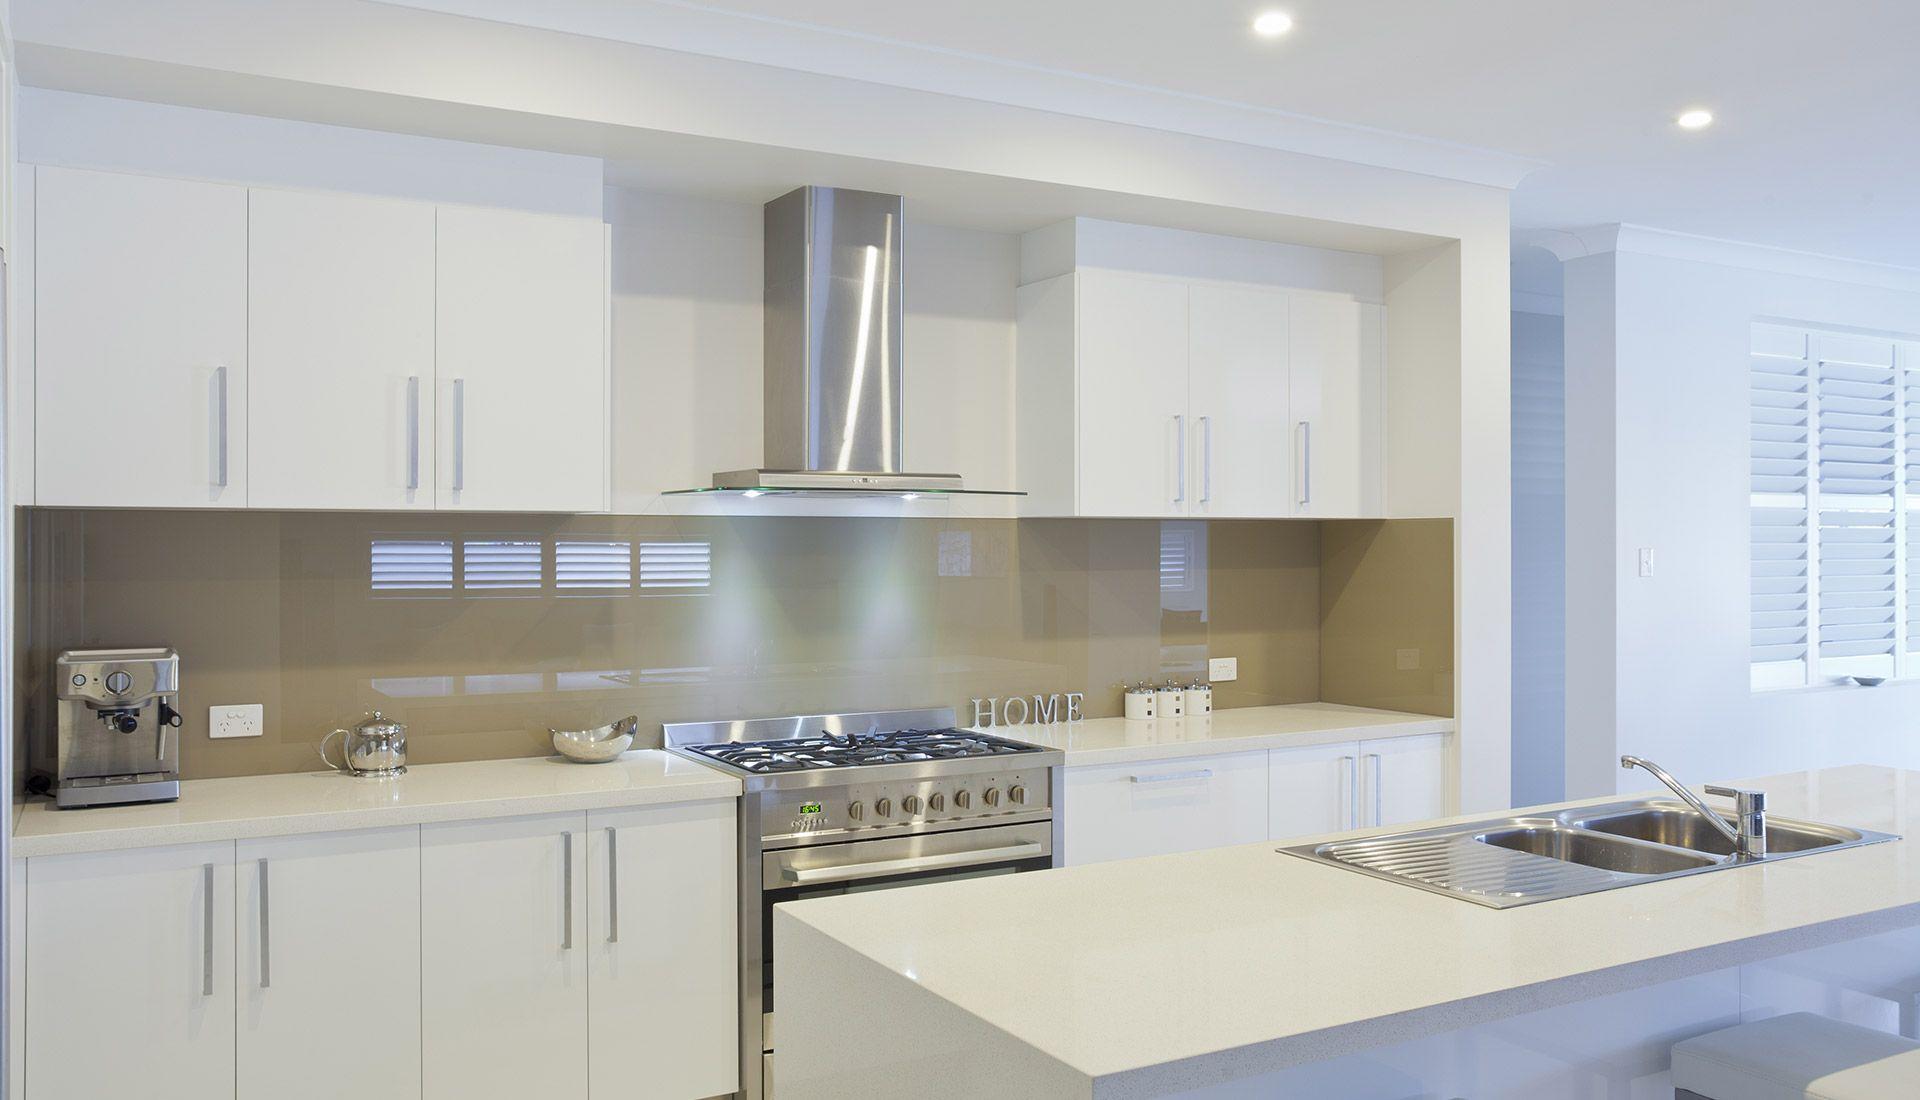 modern-white-kitchen-ideas-with-kitchen-cabinets-and-kitchen-island ...